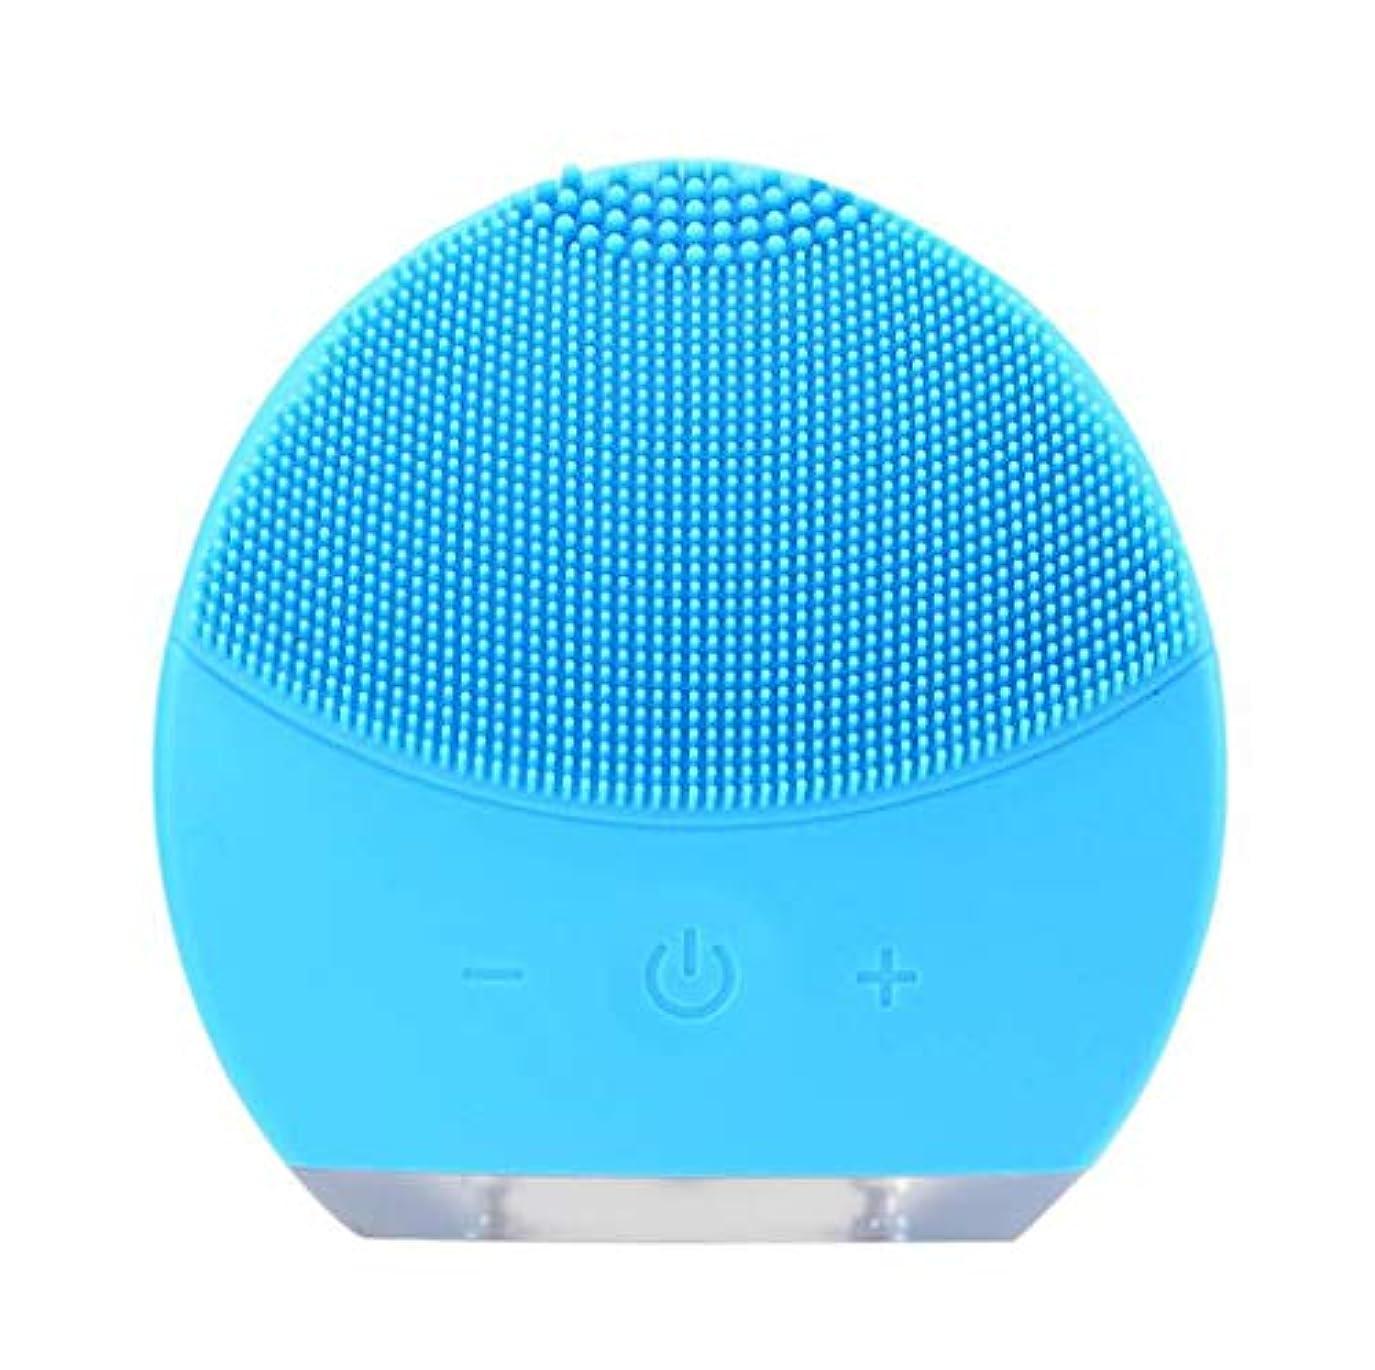 送る無人エンジニアリング超音波振動美容機器洗浄器、皮膚の毛穴を最小限に抑えるマイクロダーマブレーション毛穴、USB 充電と防水,Blue